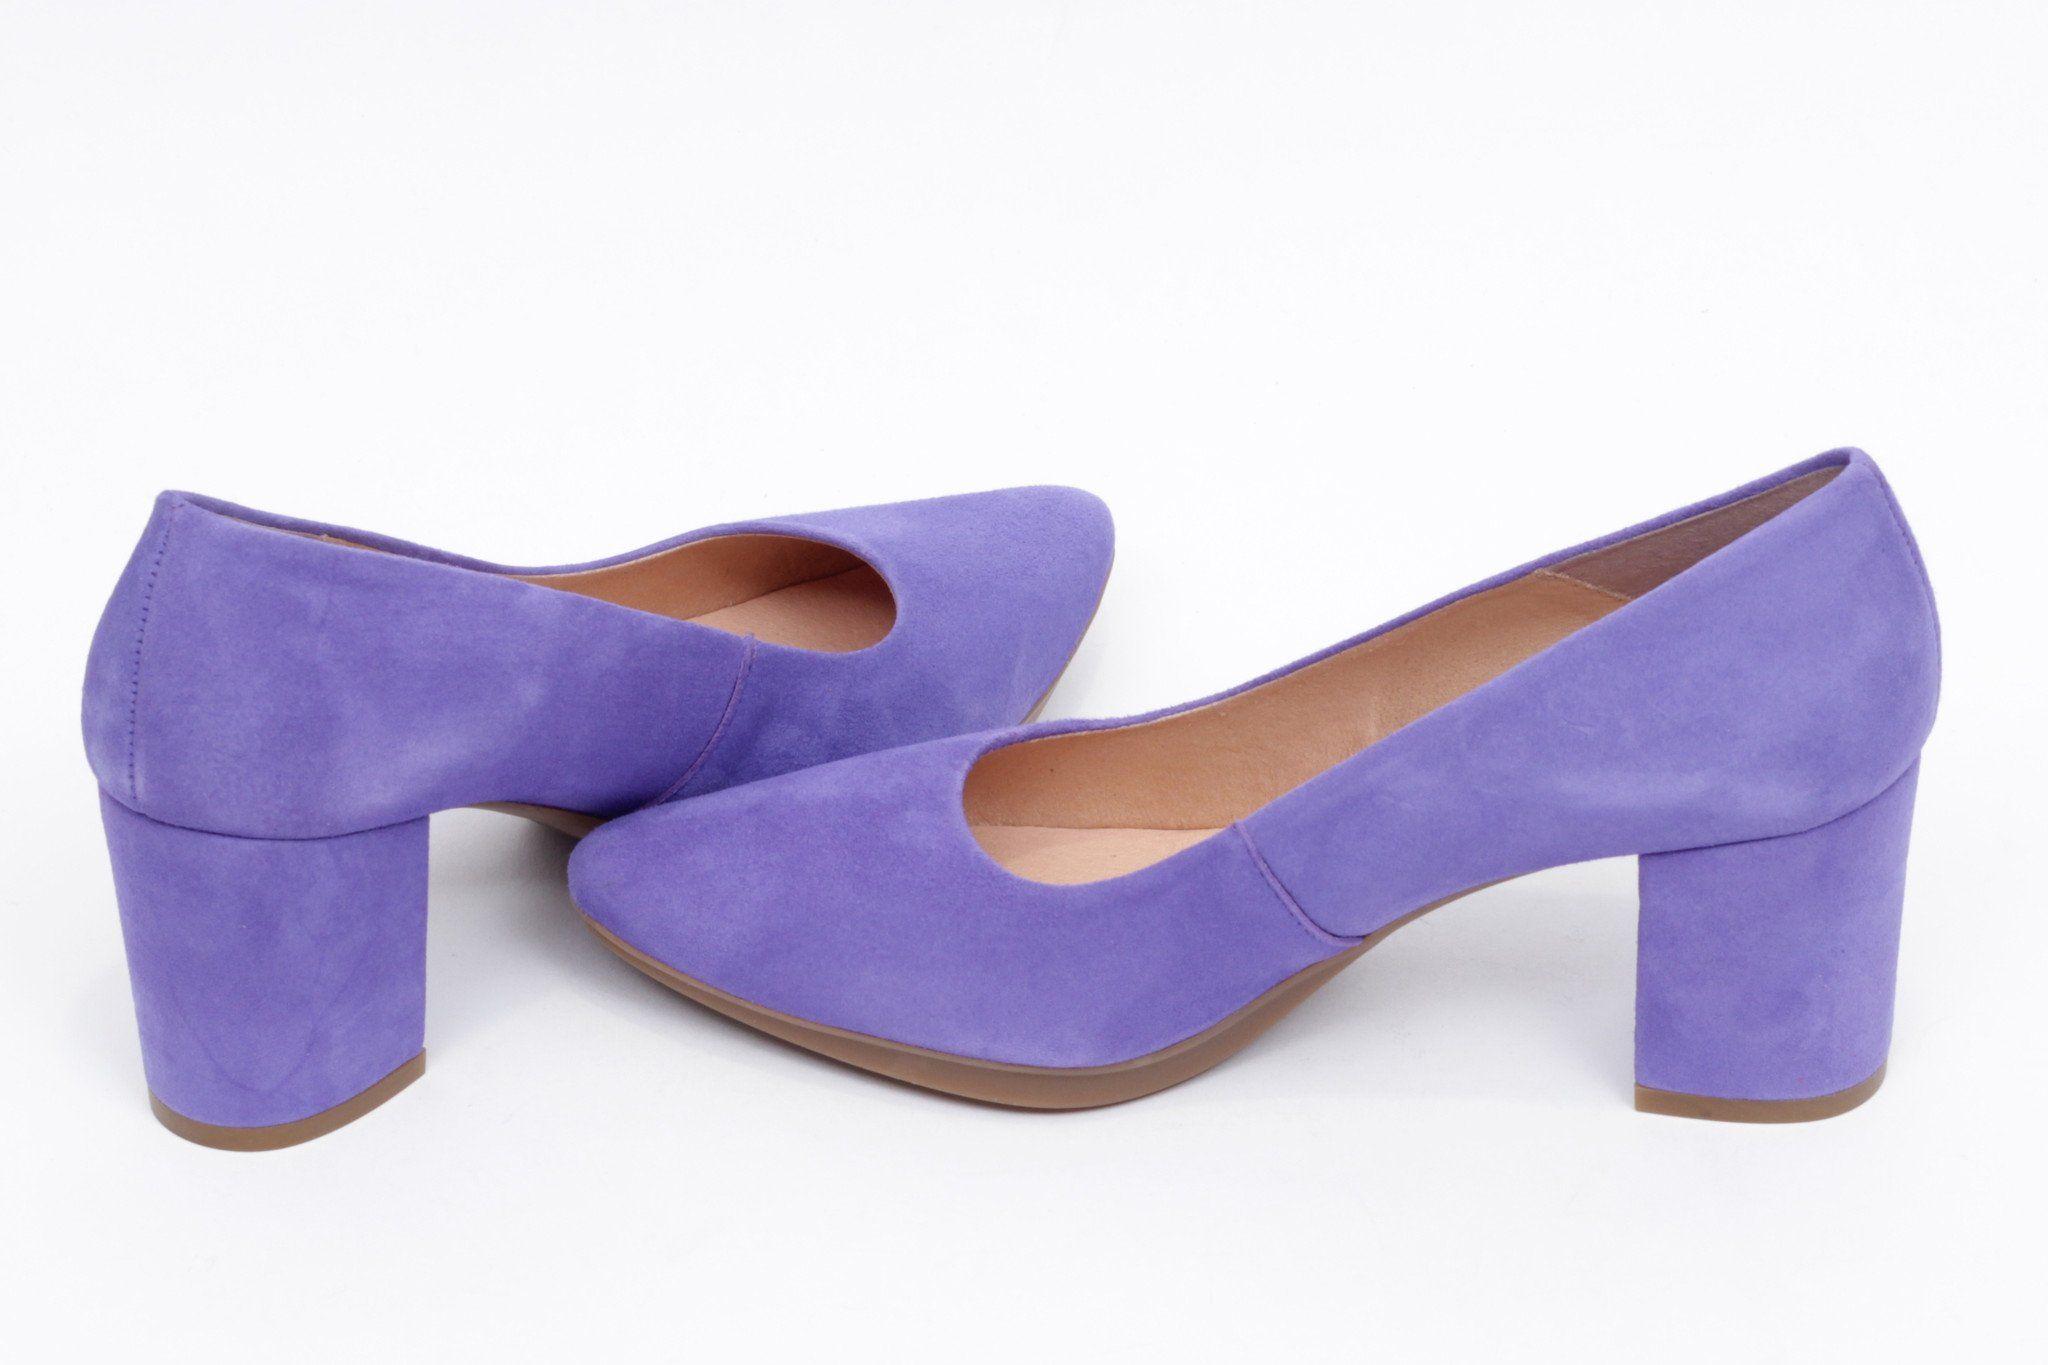 4a0ae48ef miMaO Urban S Amatista - Zapato mujer de tacon salon vestir maquillaje  cómodo - women high heels shoes blue comfort pumps